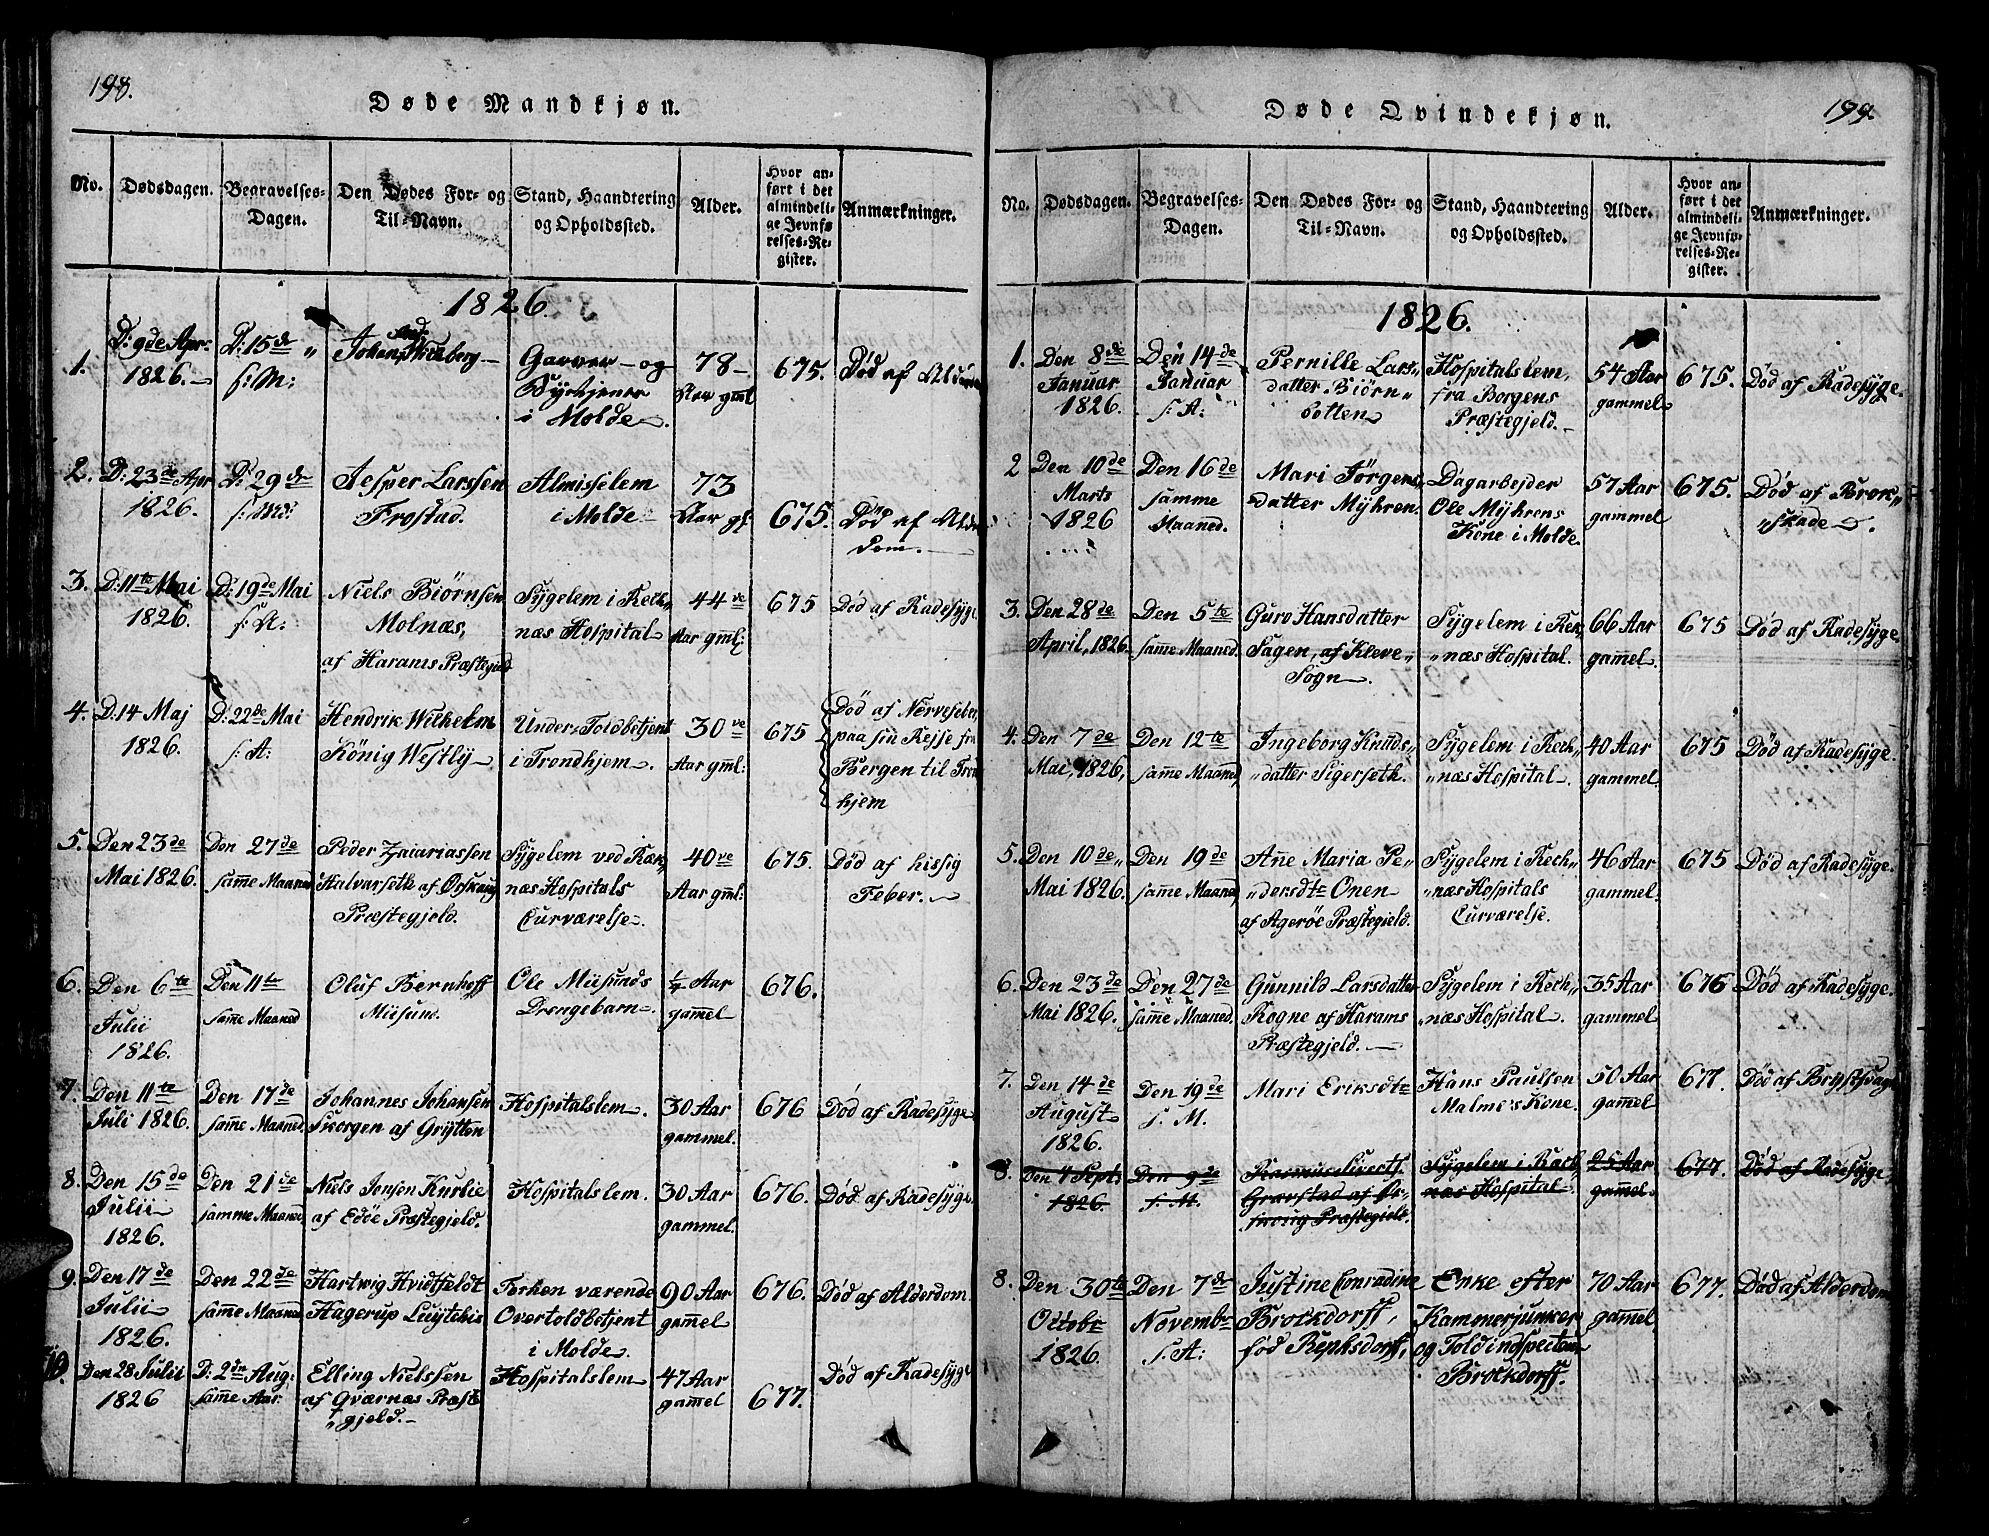 SAT, Ministerialprotokoller, klokkerbøker og fødselsregistre - Møre og Romsdal, 558/L0700: Parish register (copy) no. 558C01, 1818-1868, p. 198-199